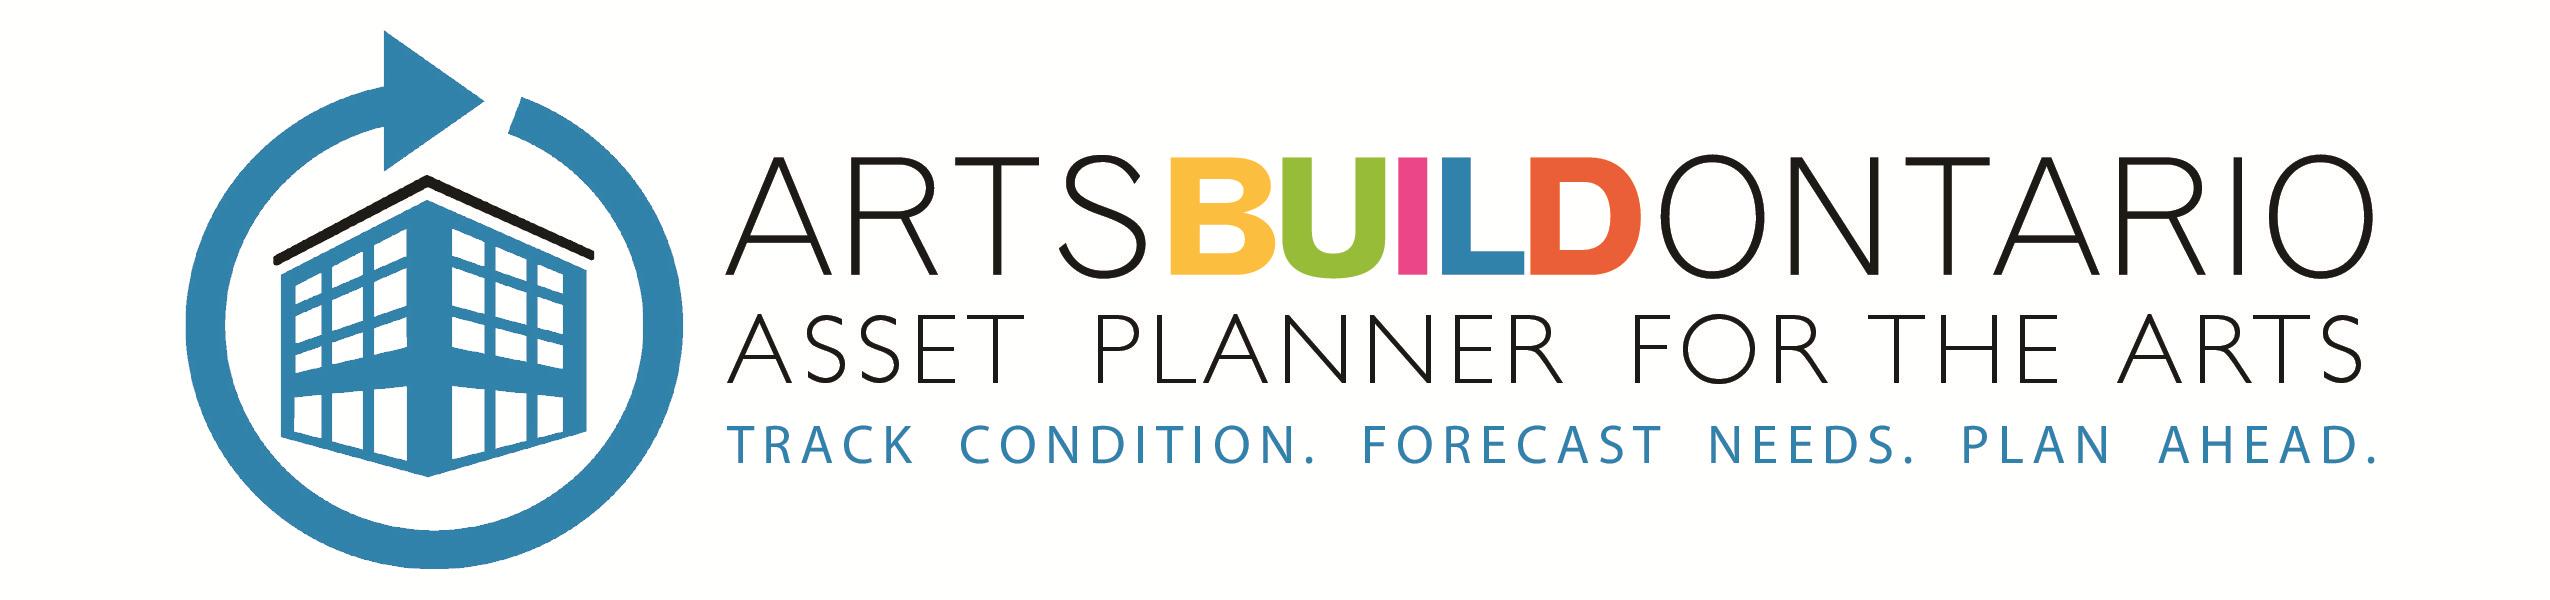 Asset Planner